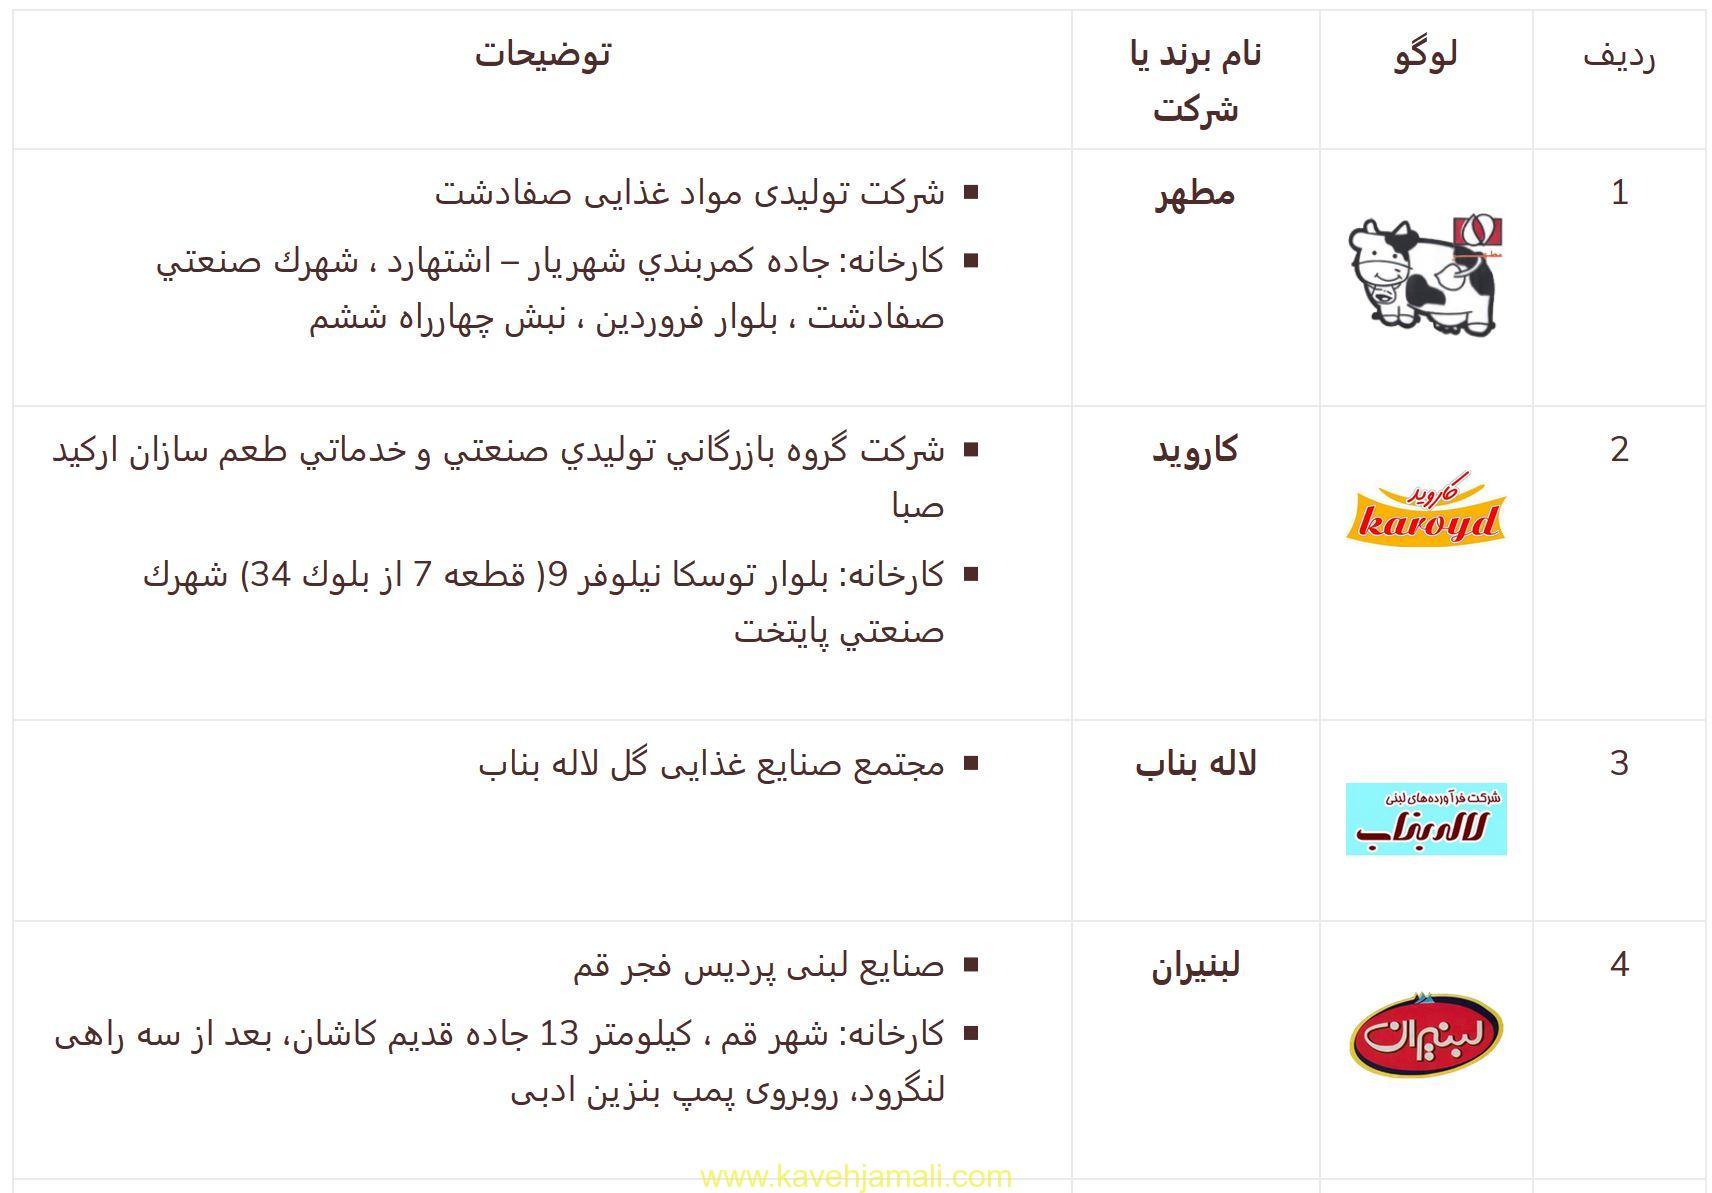 لیست تولید کنندگان پنیر پیتزا در ایران